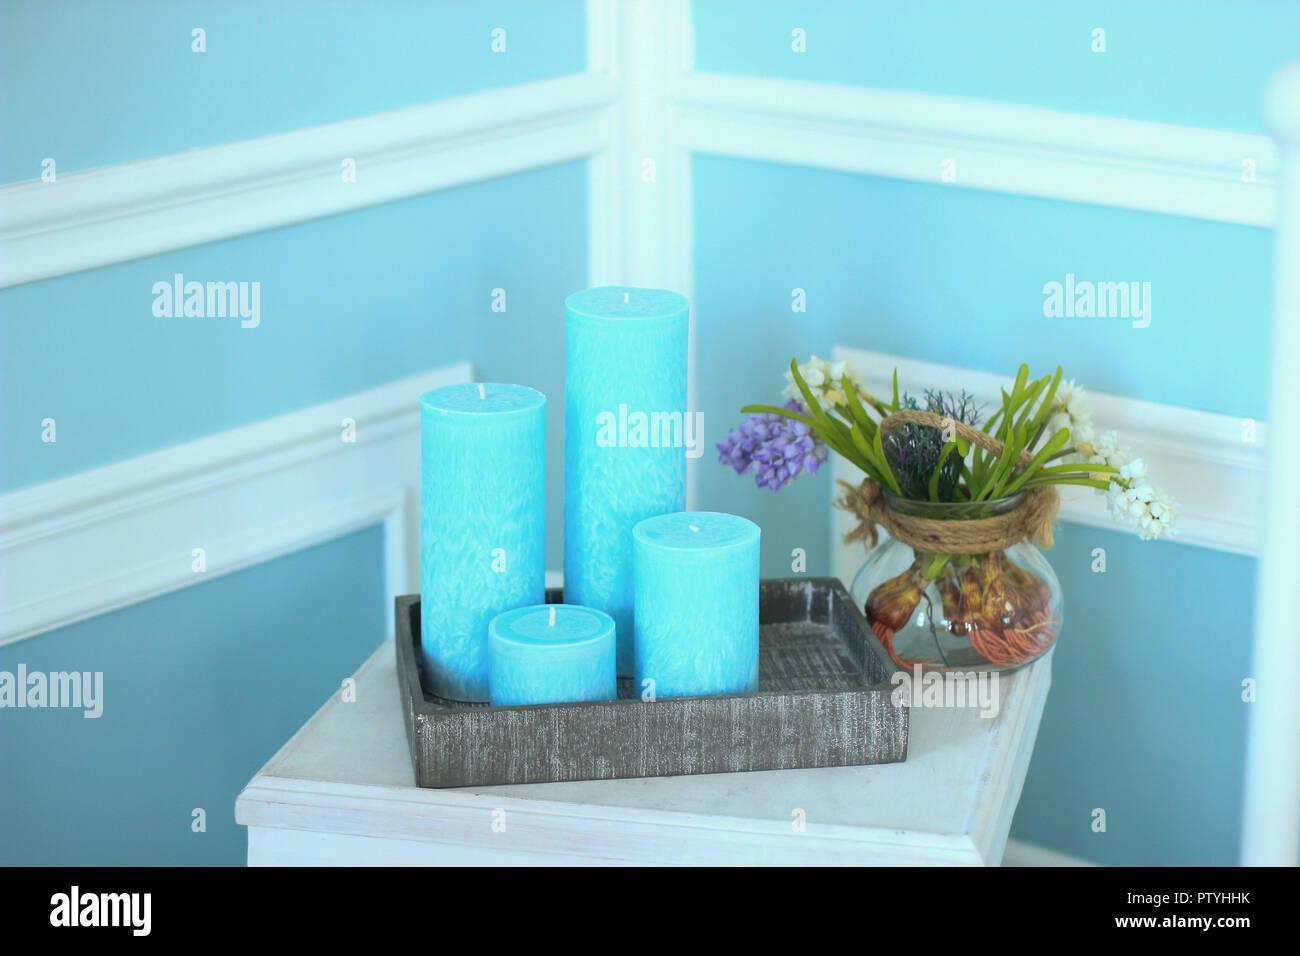 Candele Camera Da Letto : Candele sul comodino in camera da letto foto & immagine stock